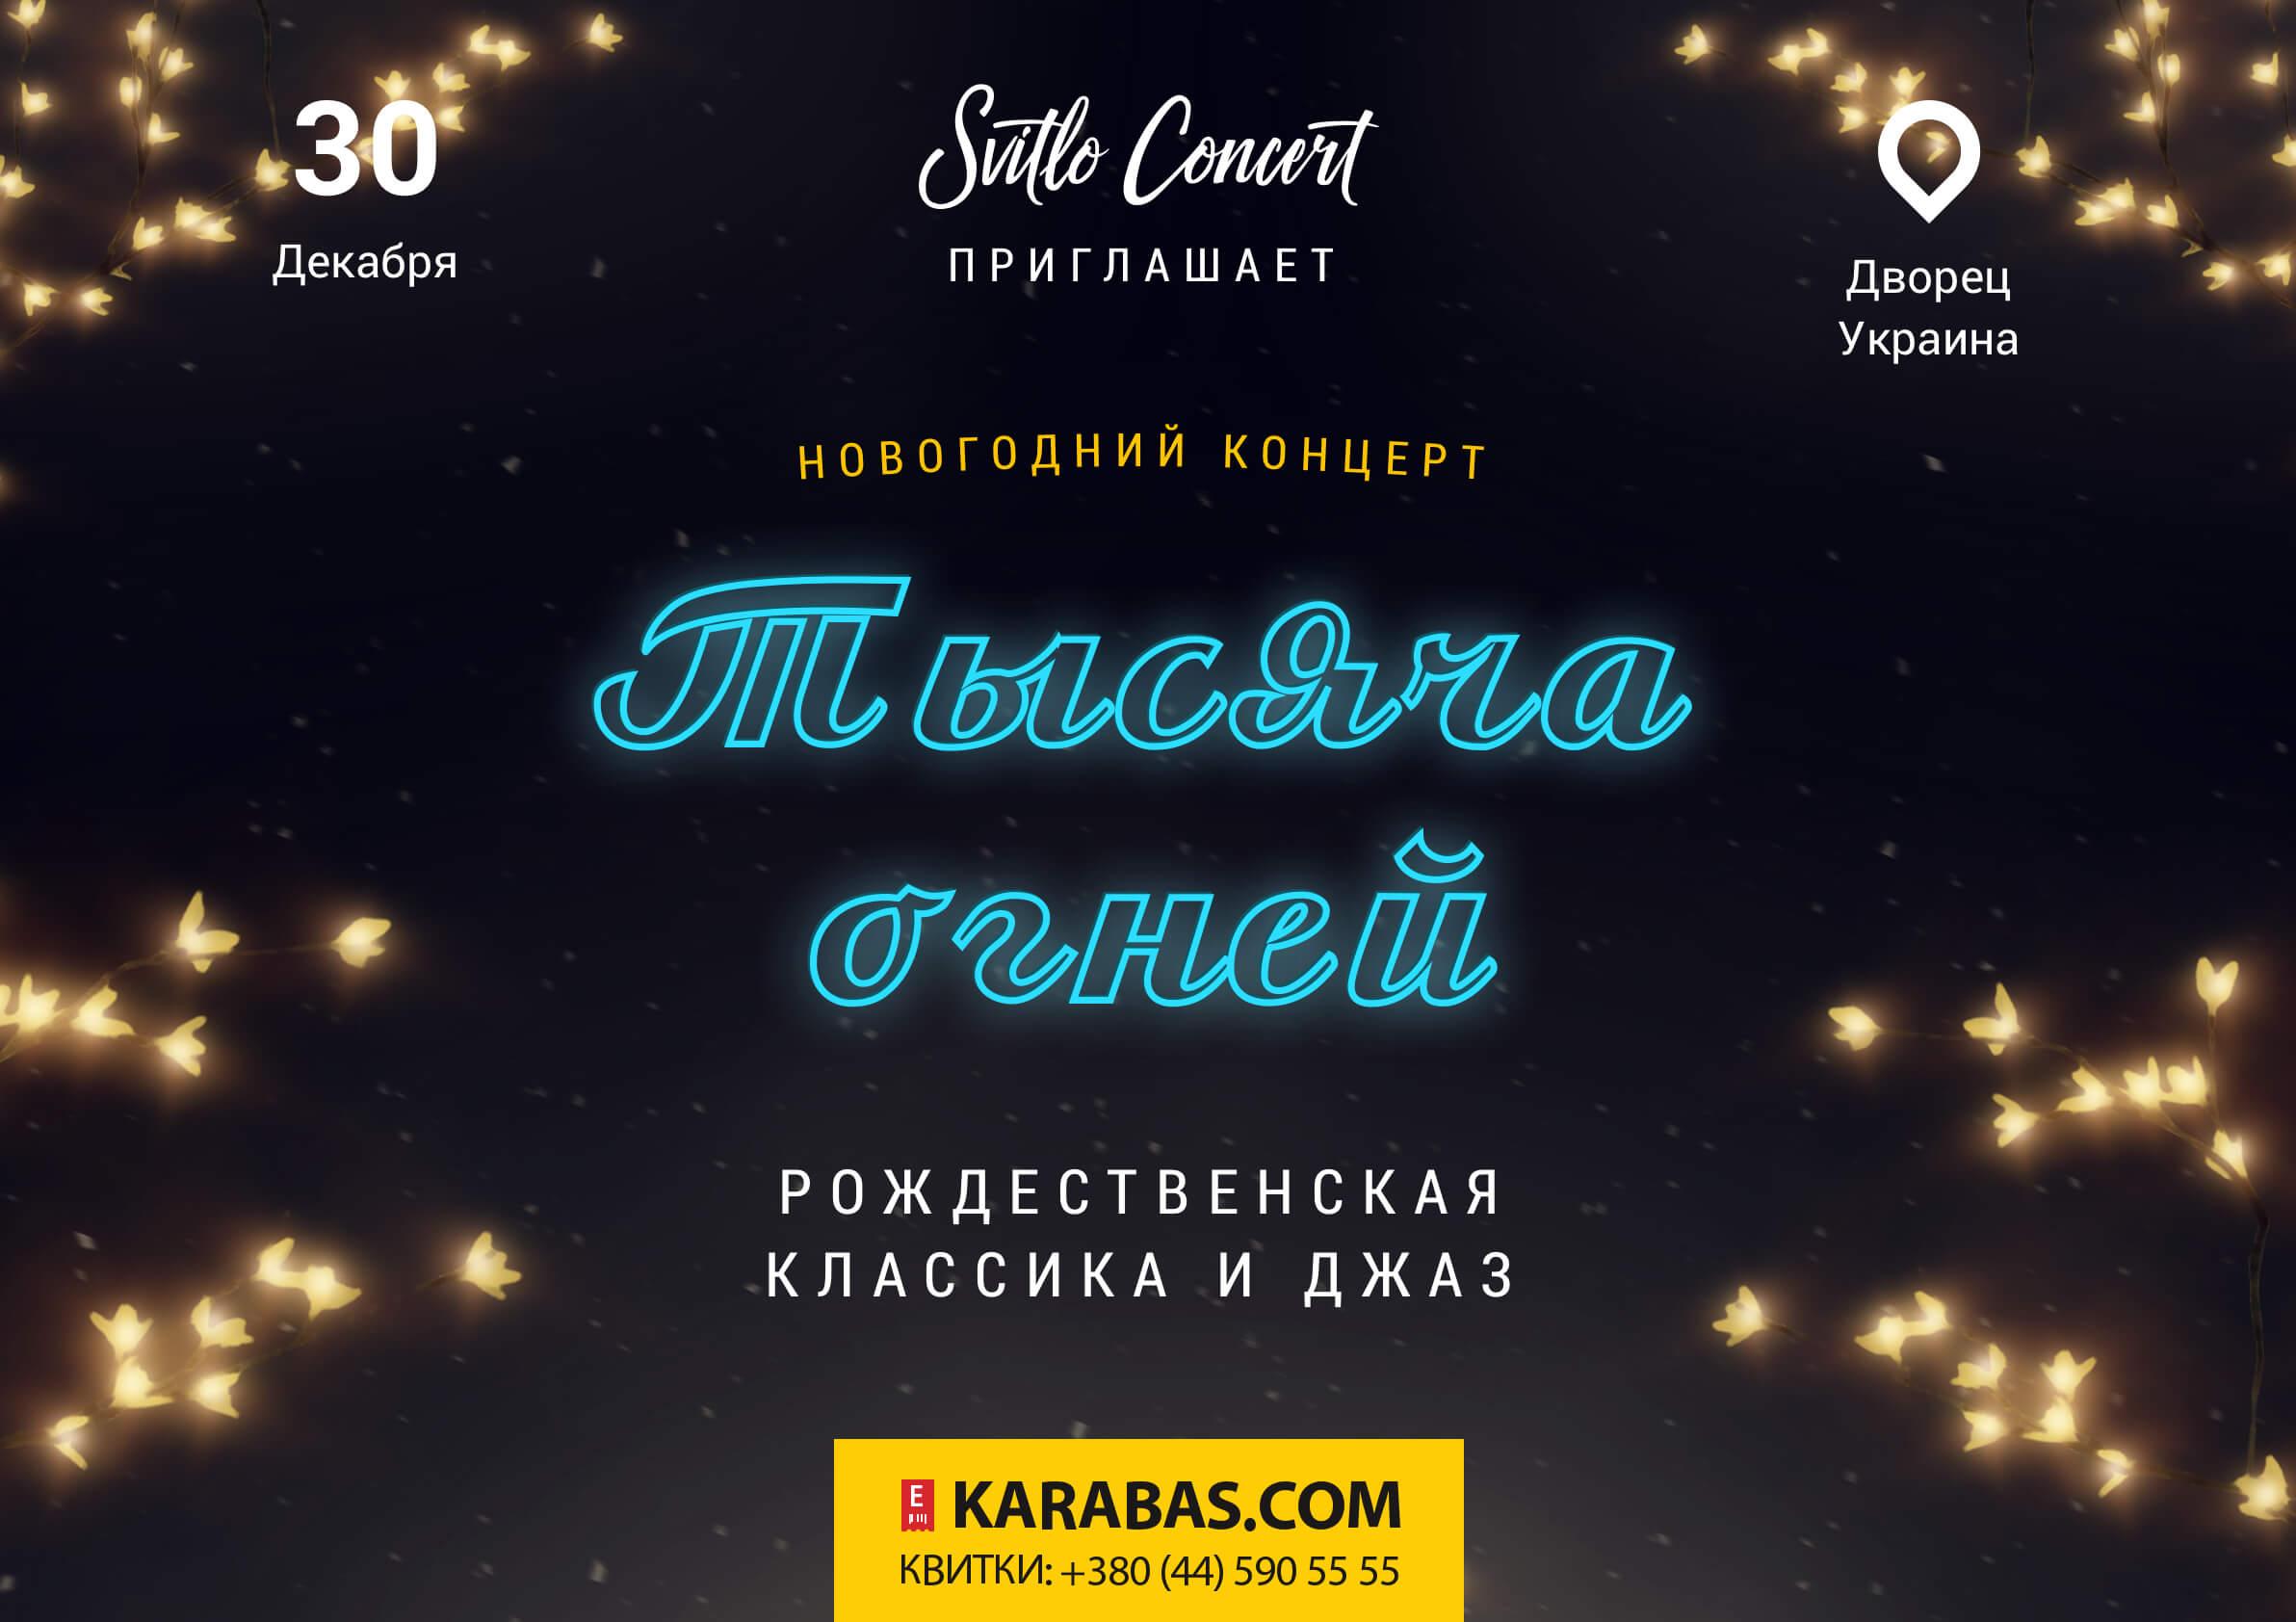 «Тысяча огней» от Svitlo Concert: где искать праздничное настроение-320x180